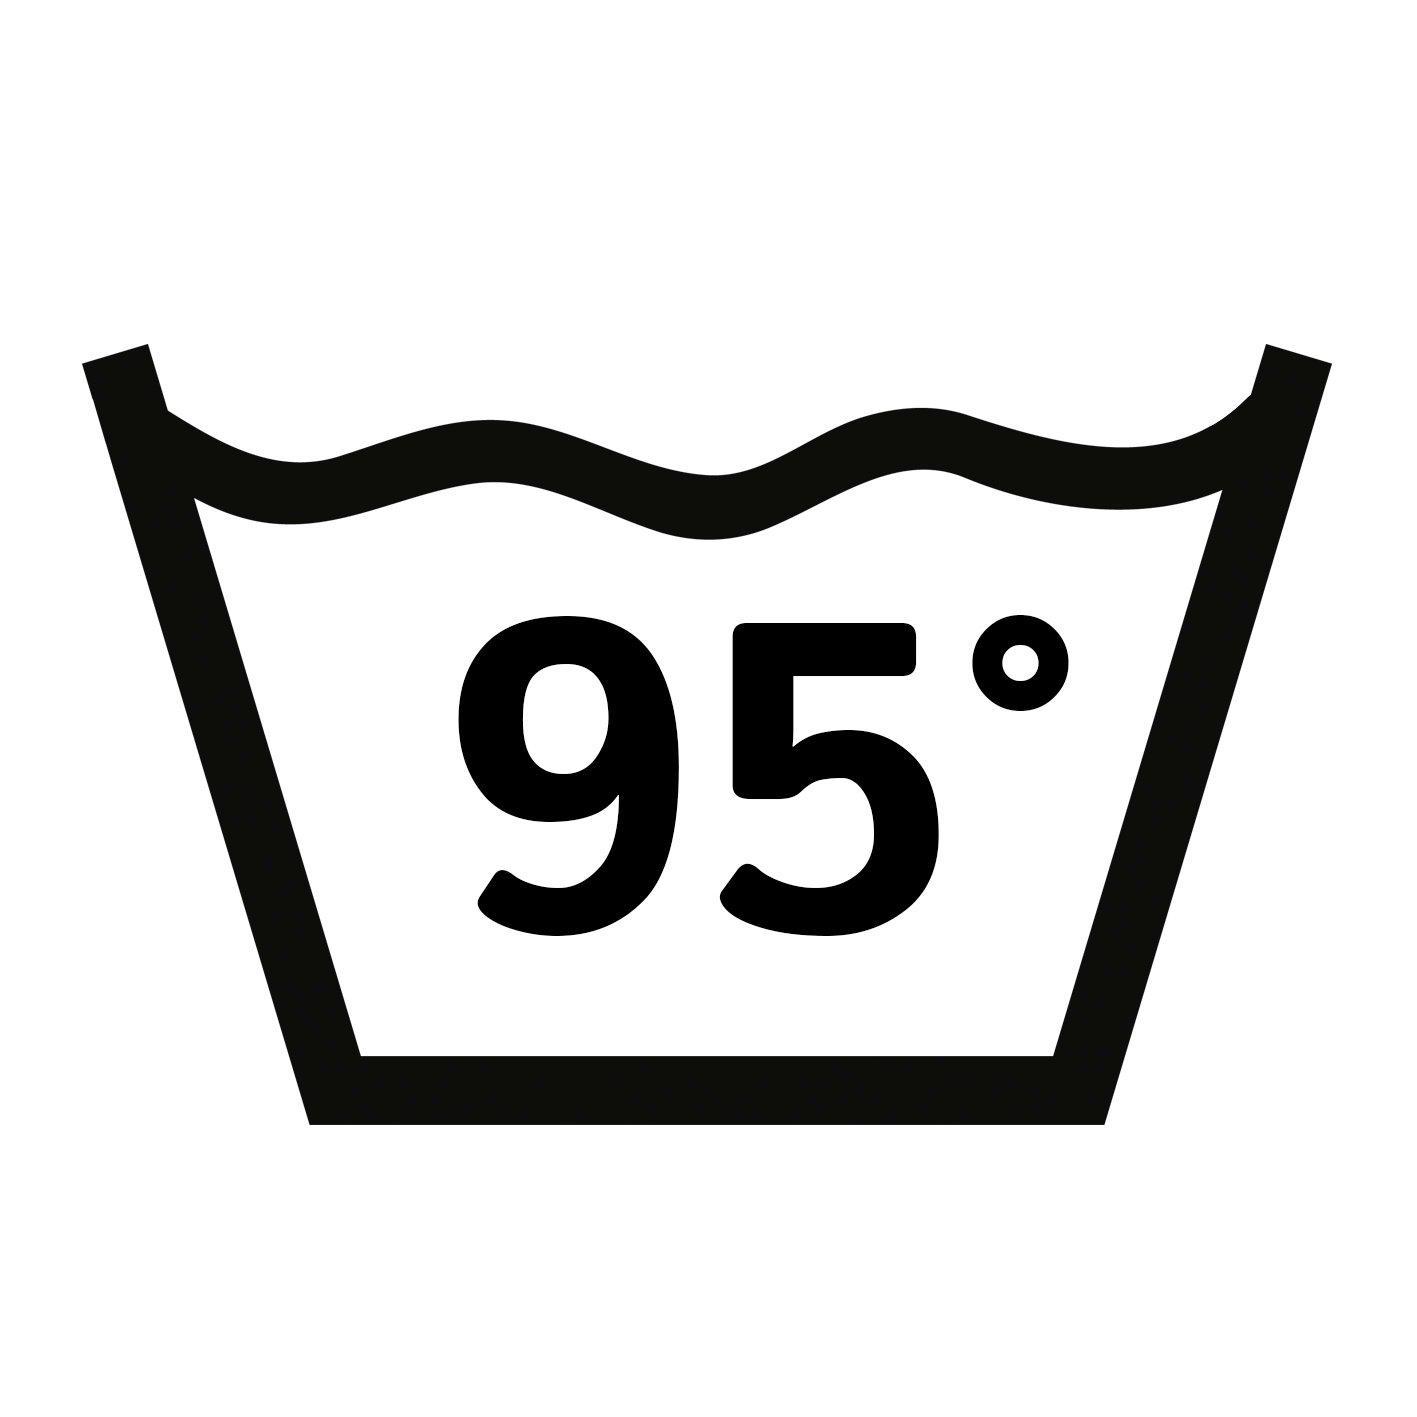 Wasbaar-95